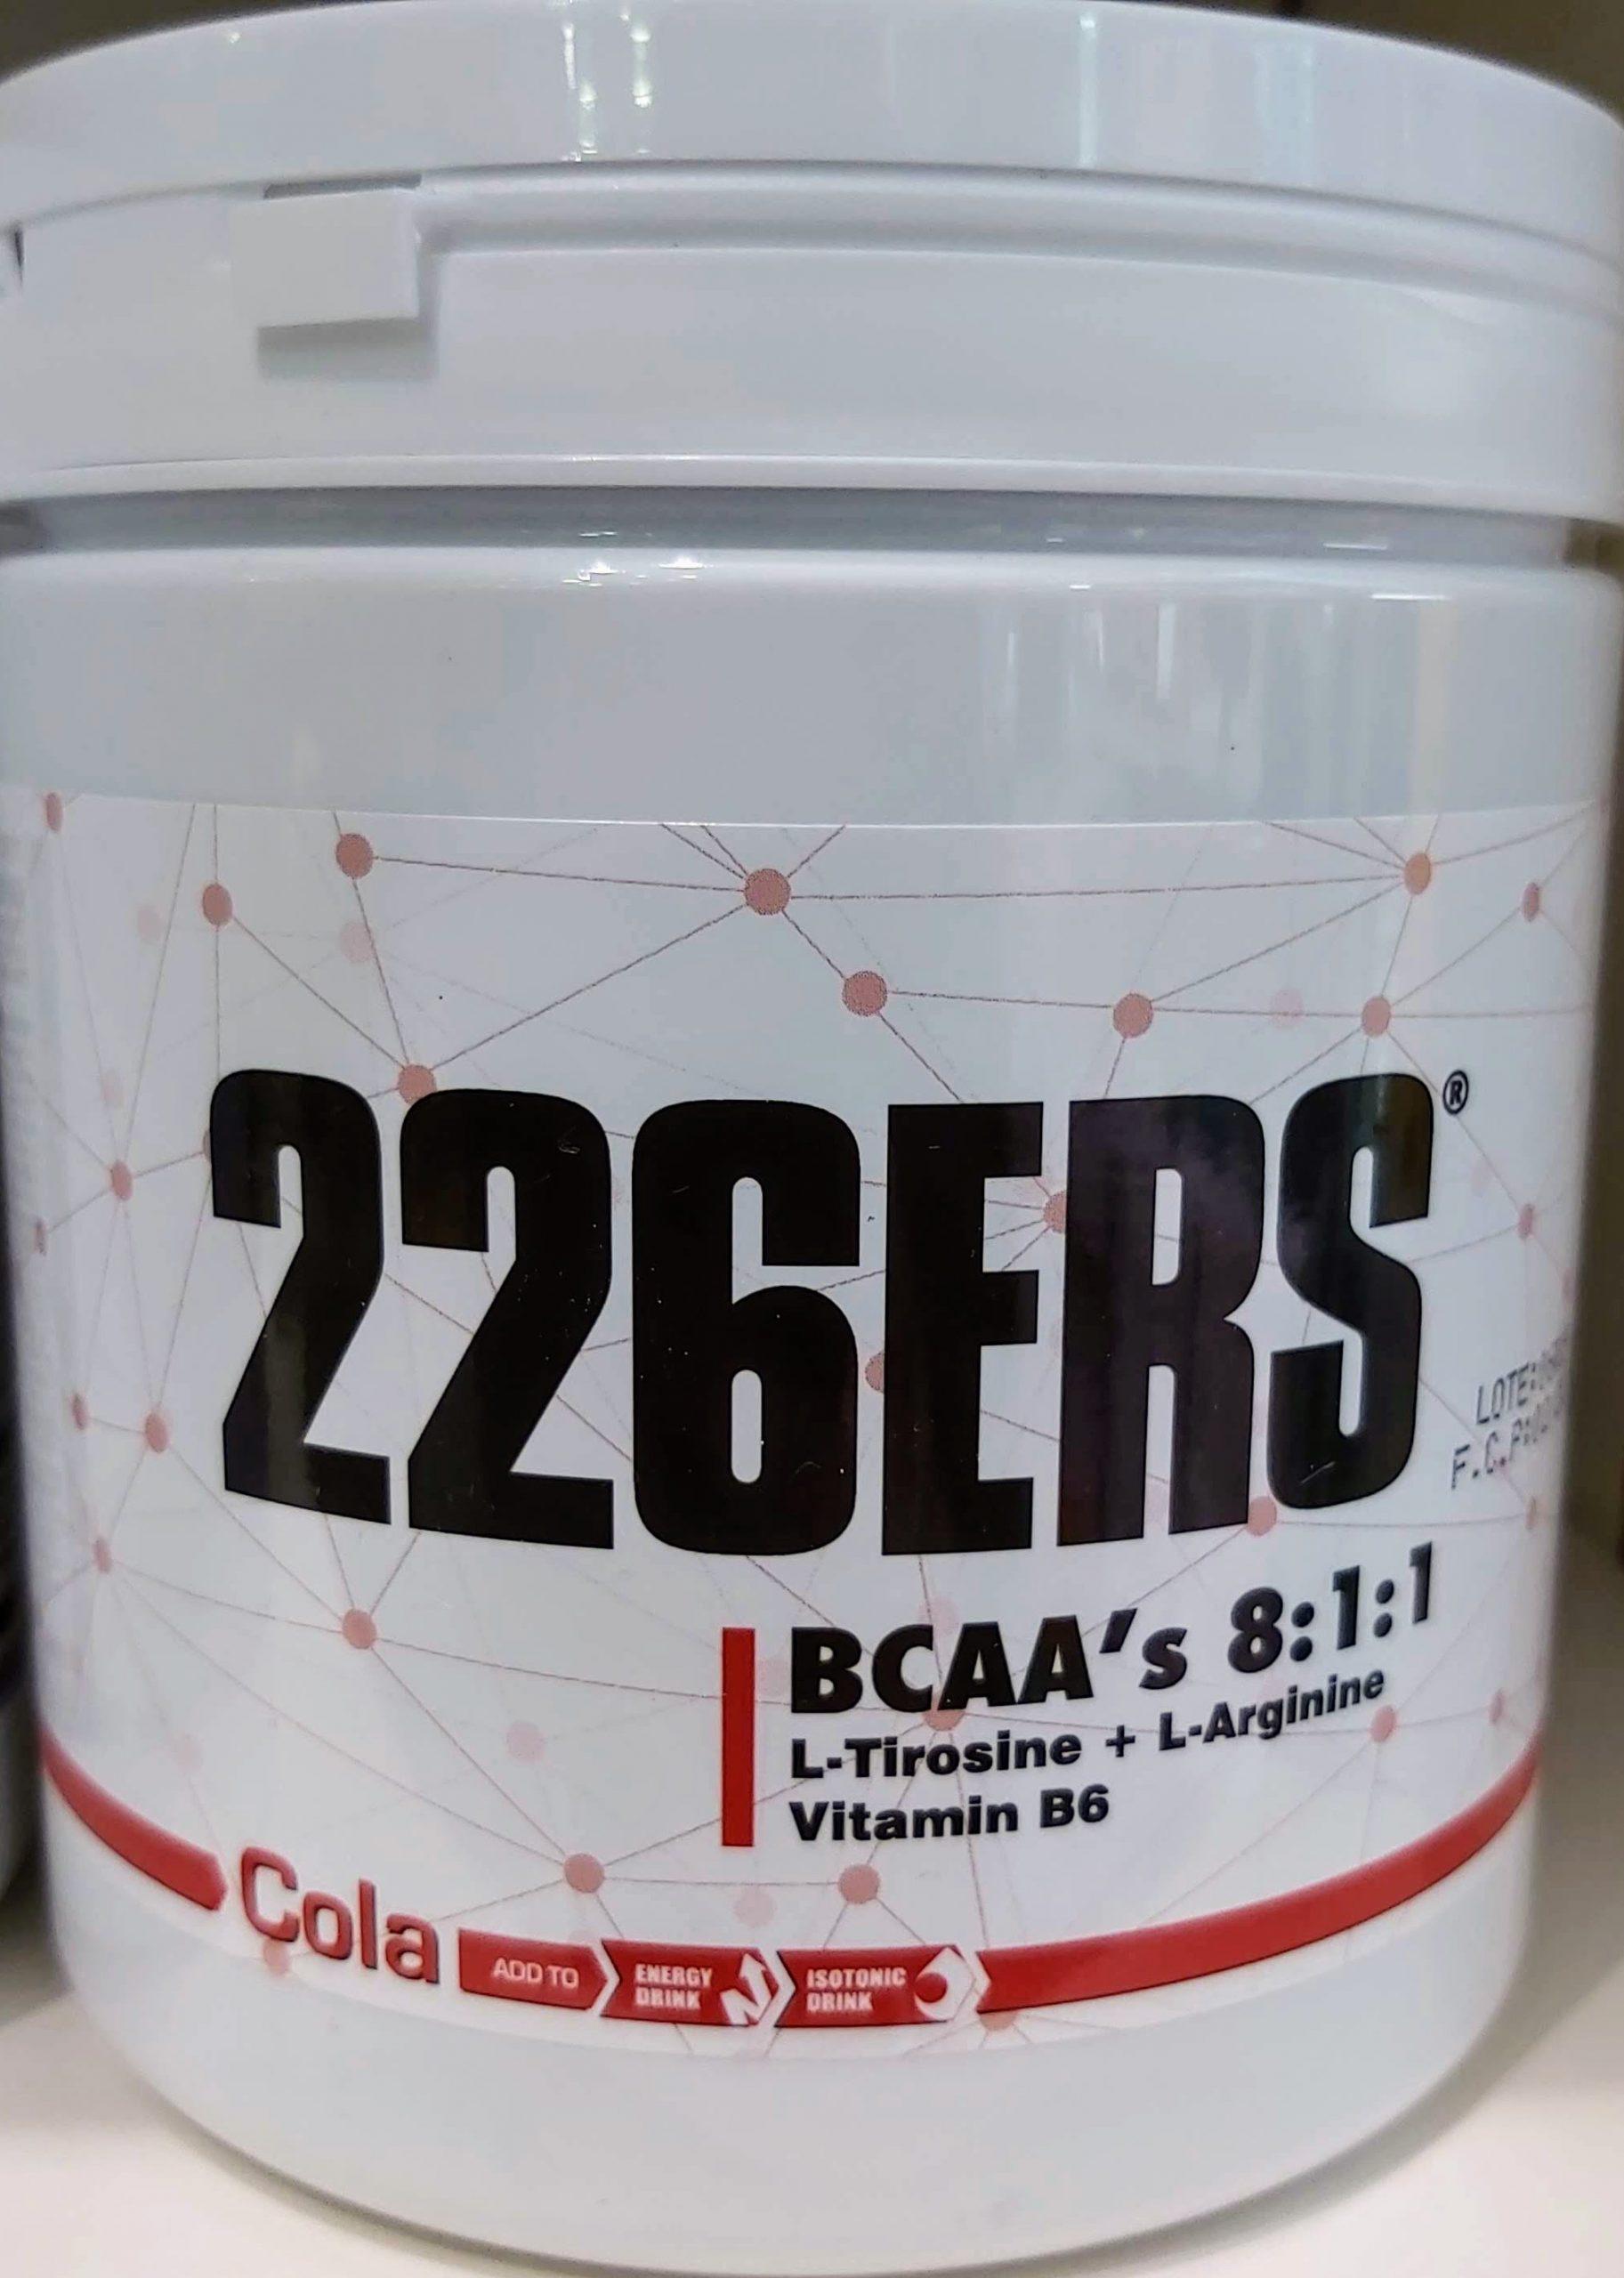 Comprar 226ERS con Arginina y la Tirosina un excelente producto tanto para deportes de fuerza como deportes de resistencia.